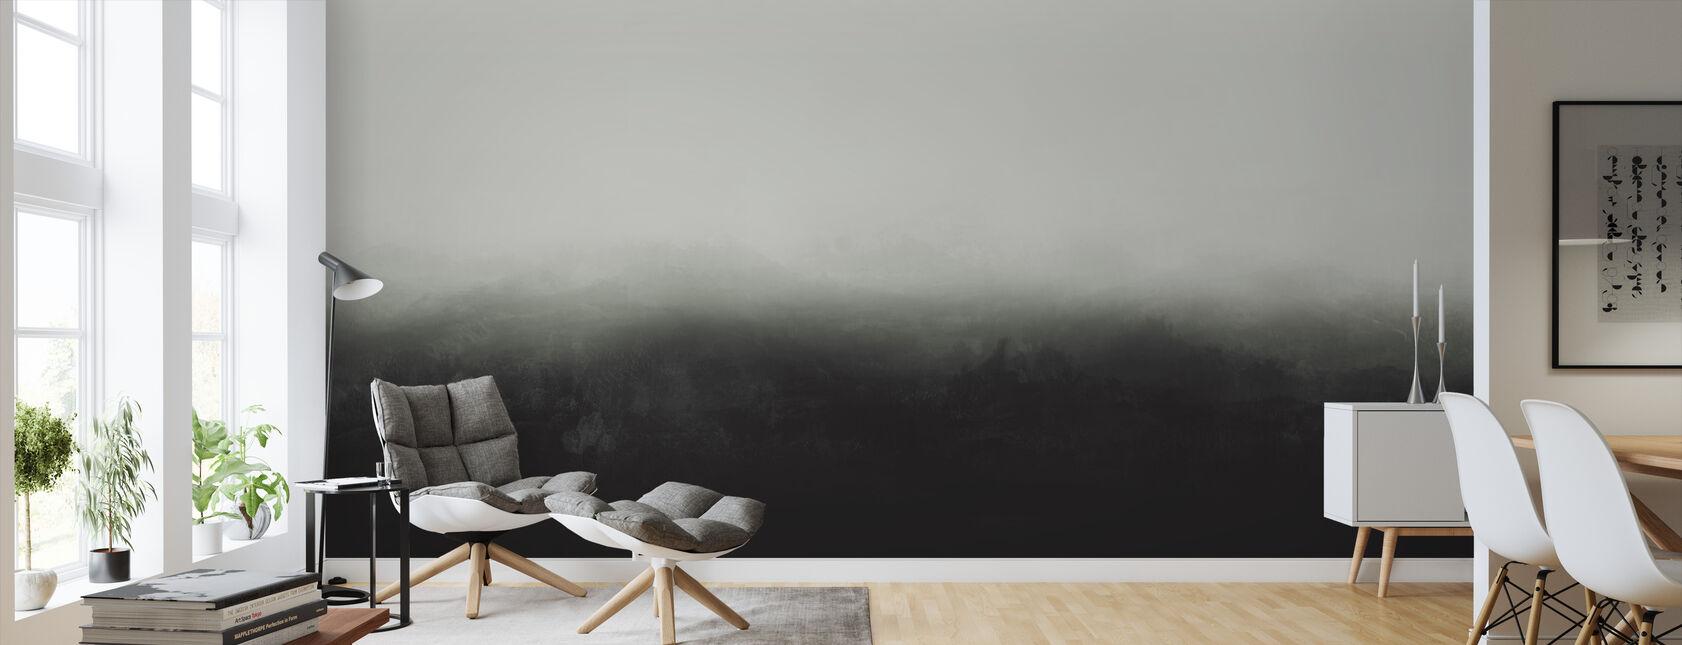 Horizon - Bleke Groen - Behang - Woonkamer